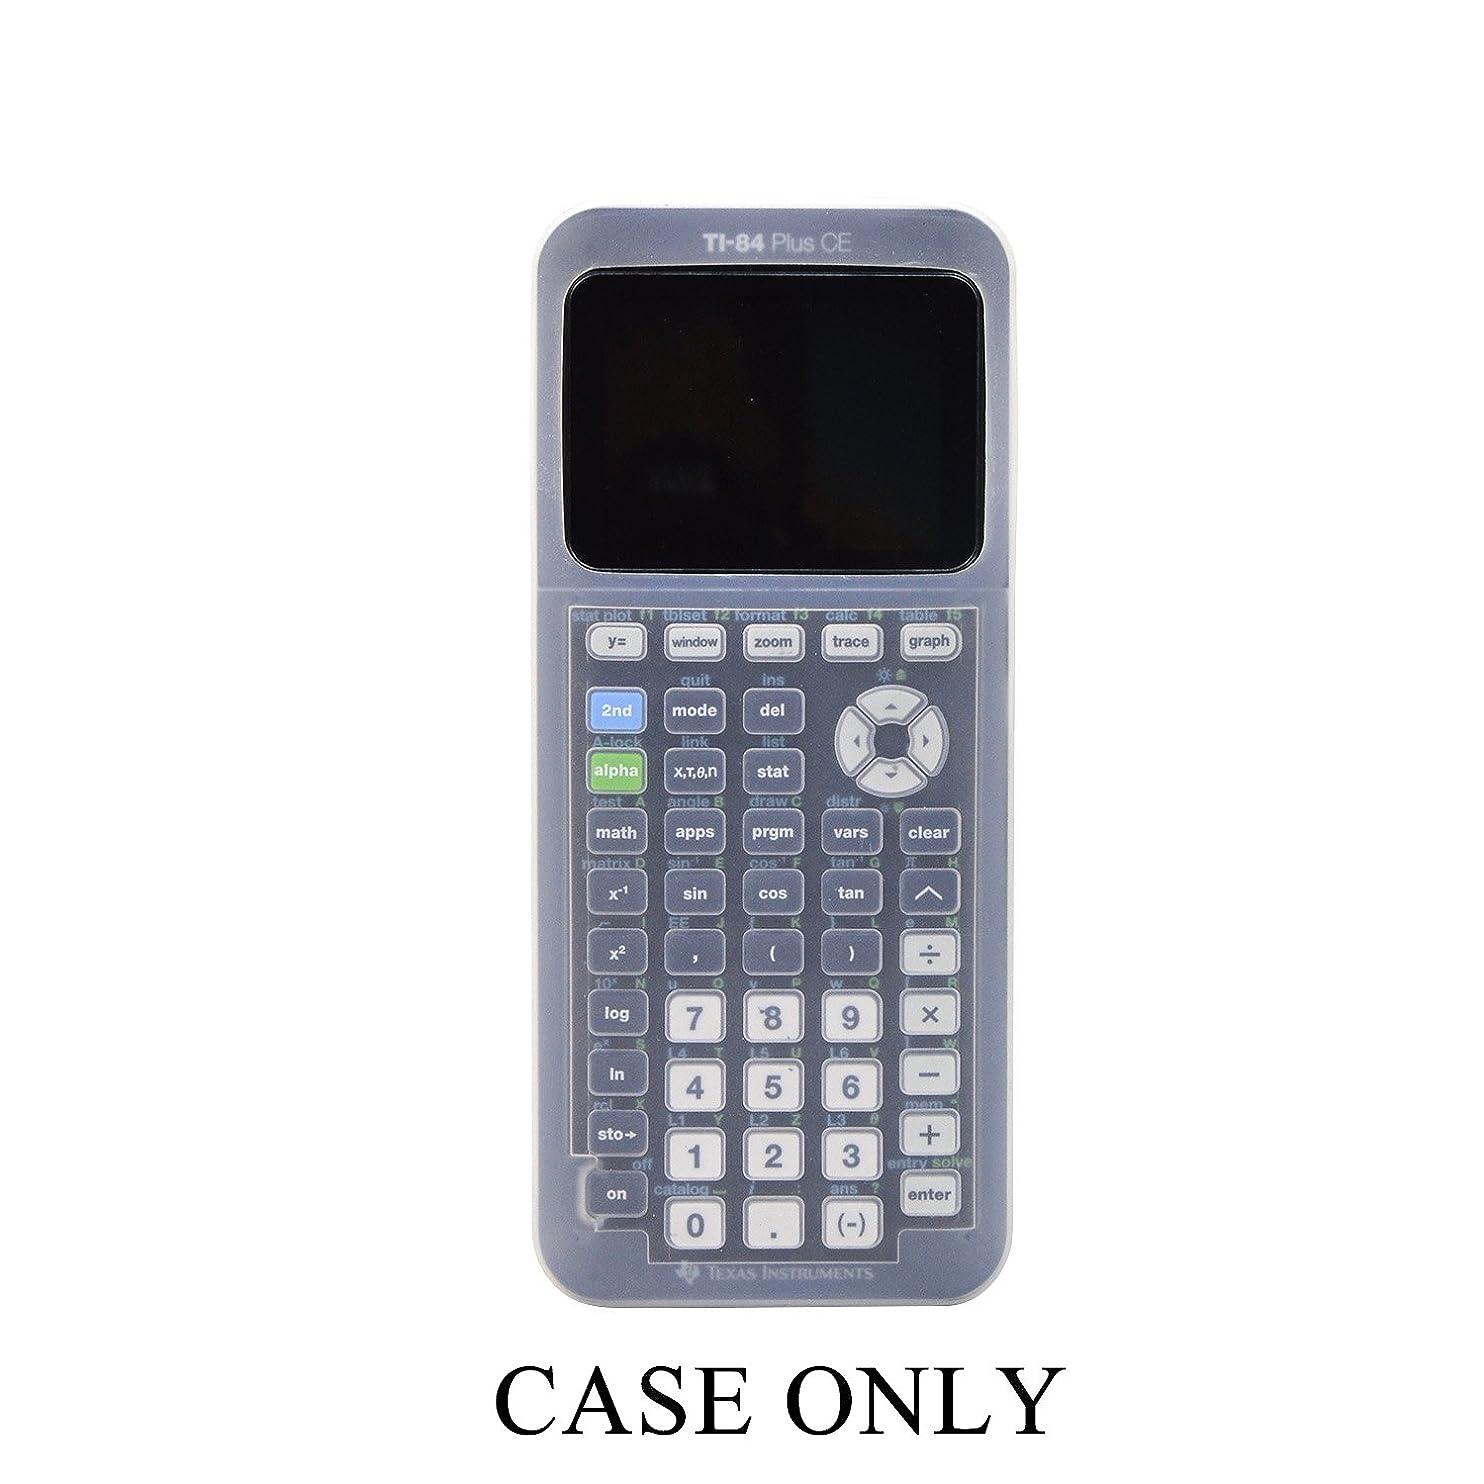 打たれたトラック創造魅了するシリコンケースfor ti-84?Plus CE Texas Instruments Graphing Calculator、ソフト保護Ti 84?Plus CEケース。。。